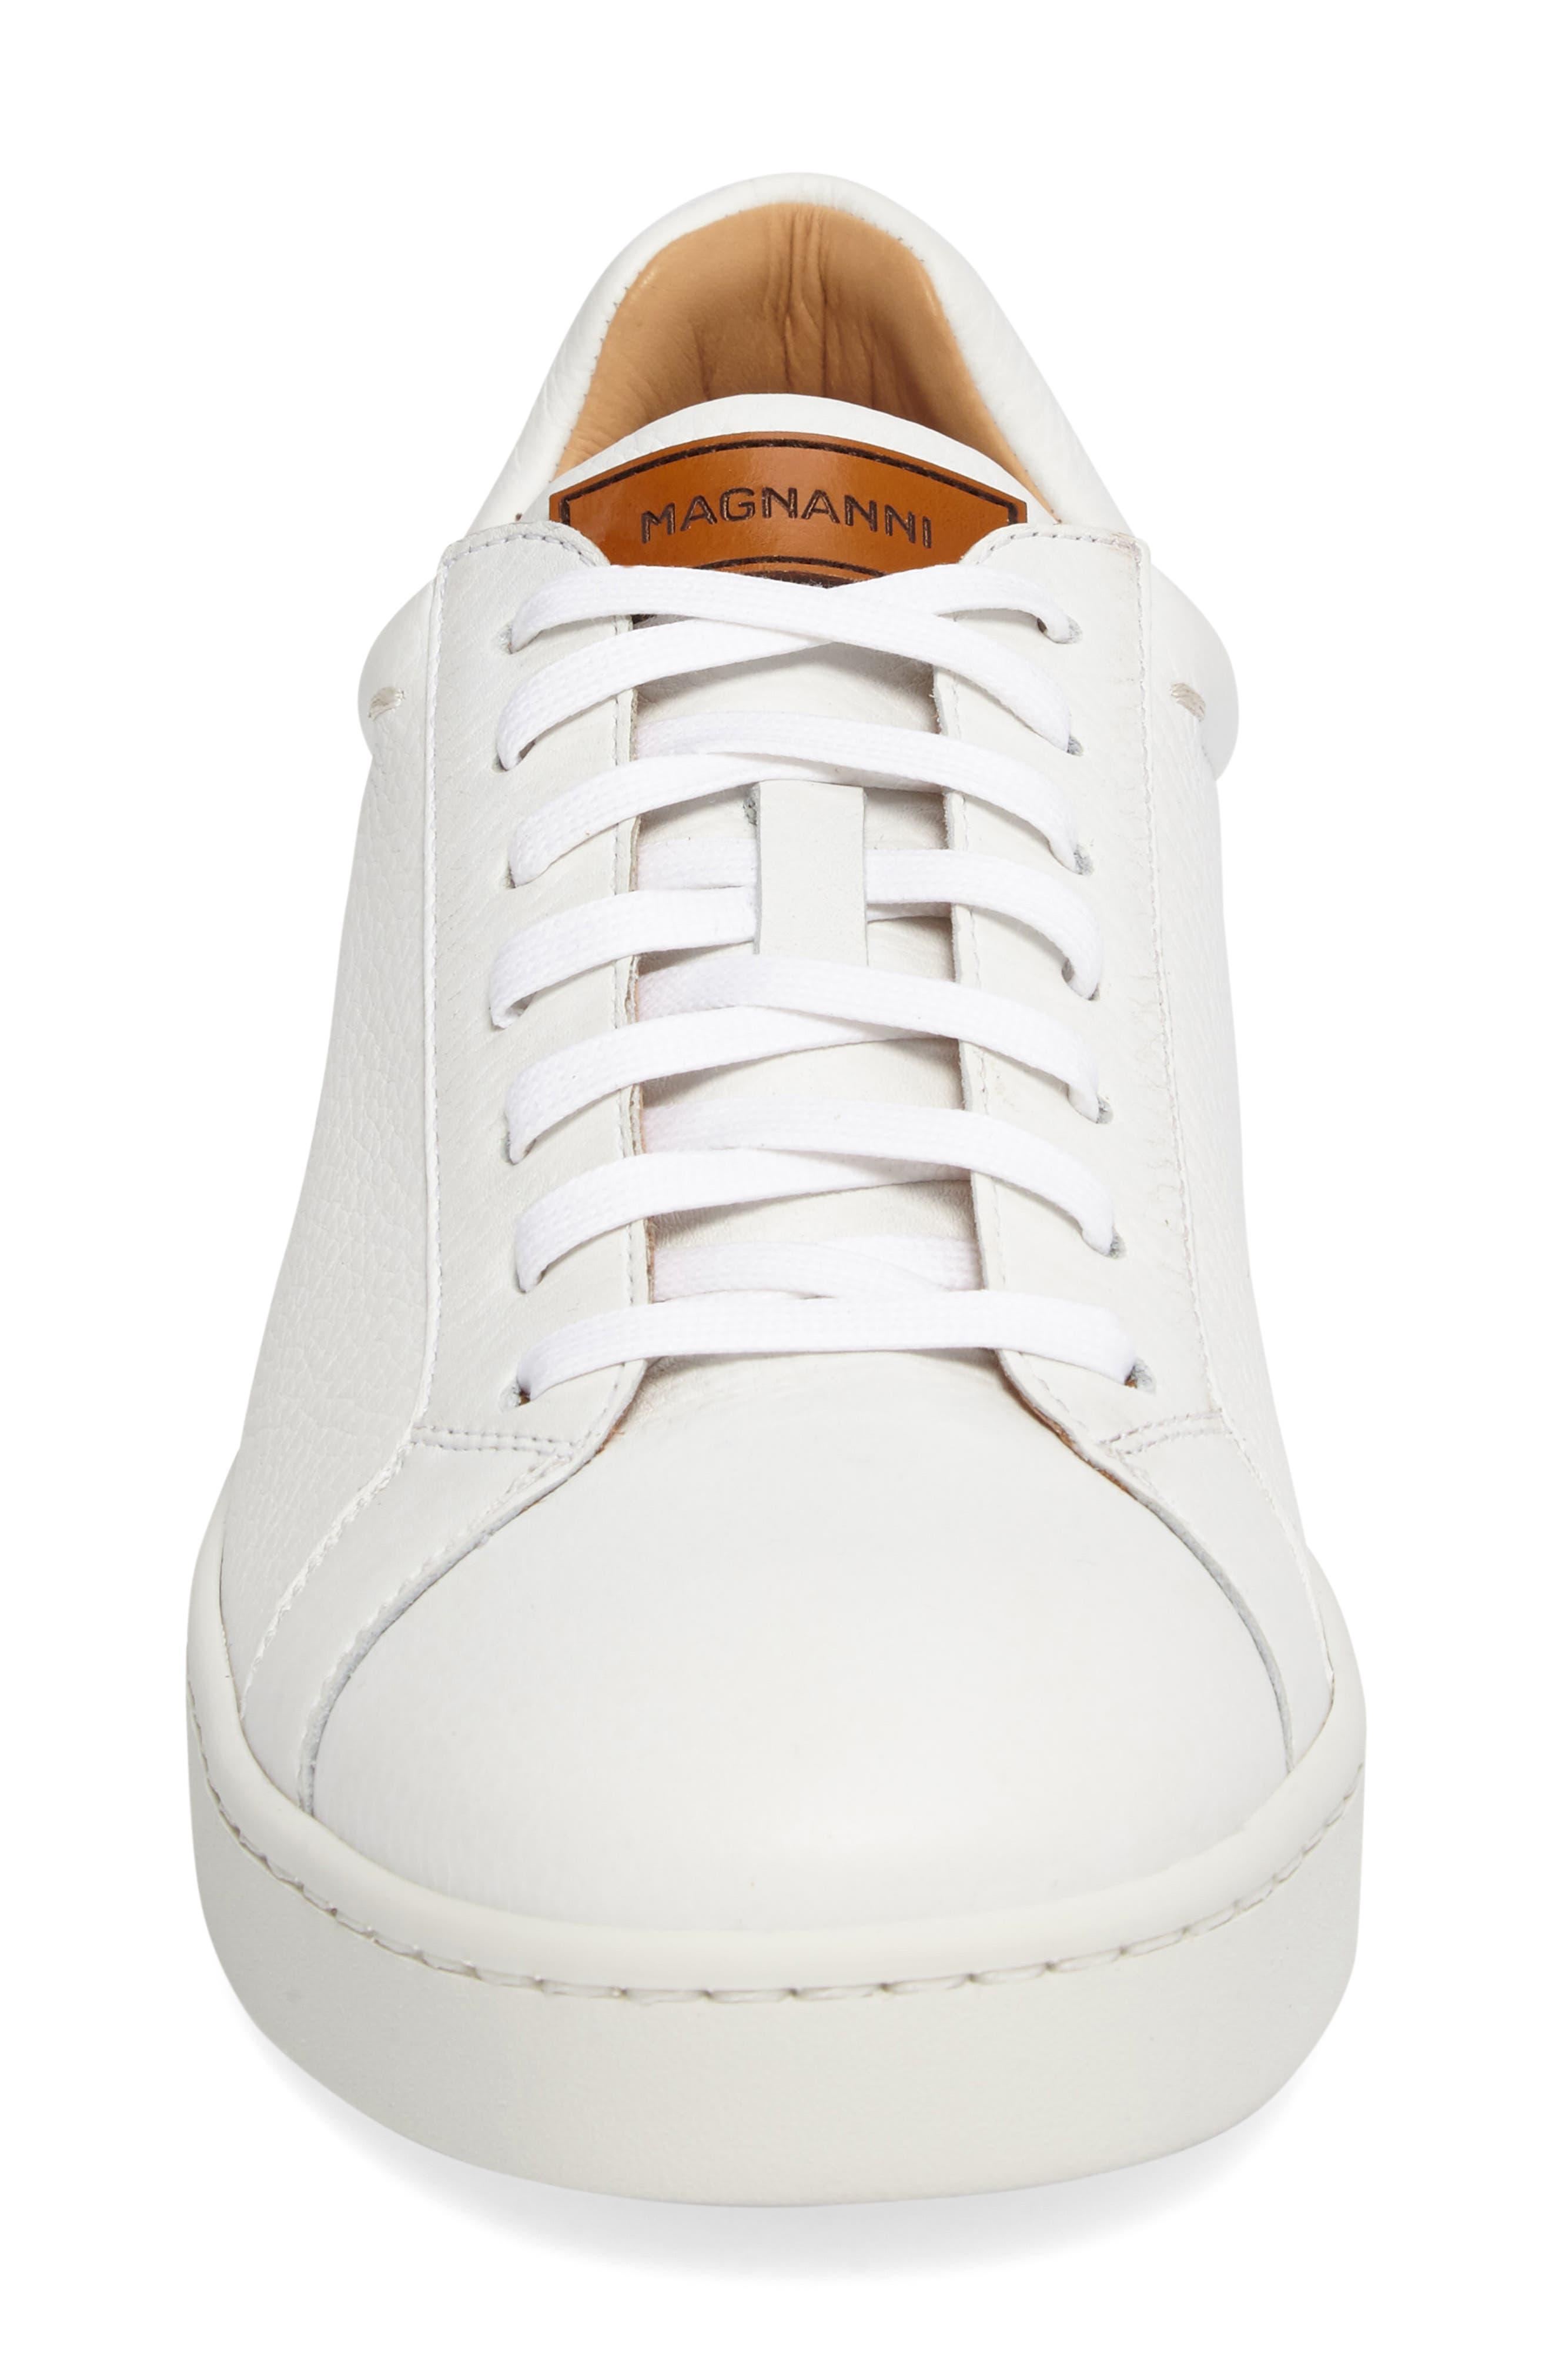 Caballero Sneaker,                             Alternate thumbnail 4, color,                             White Leather